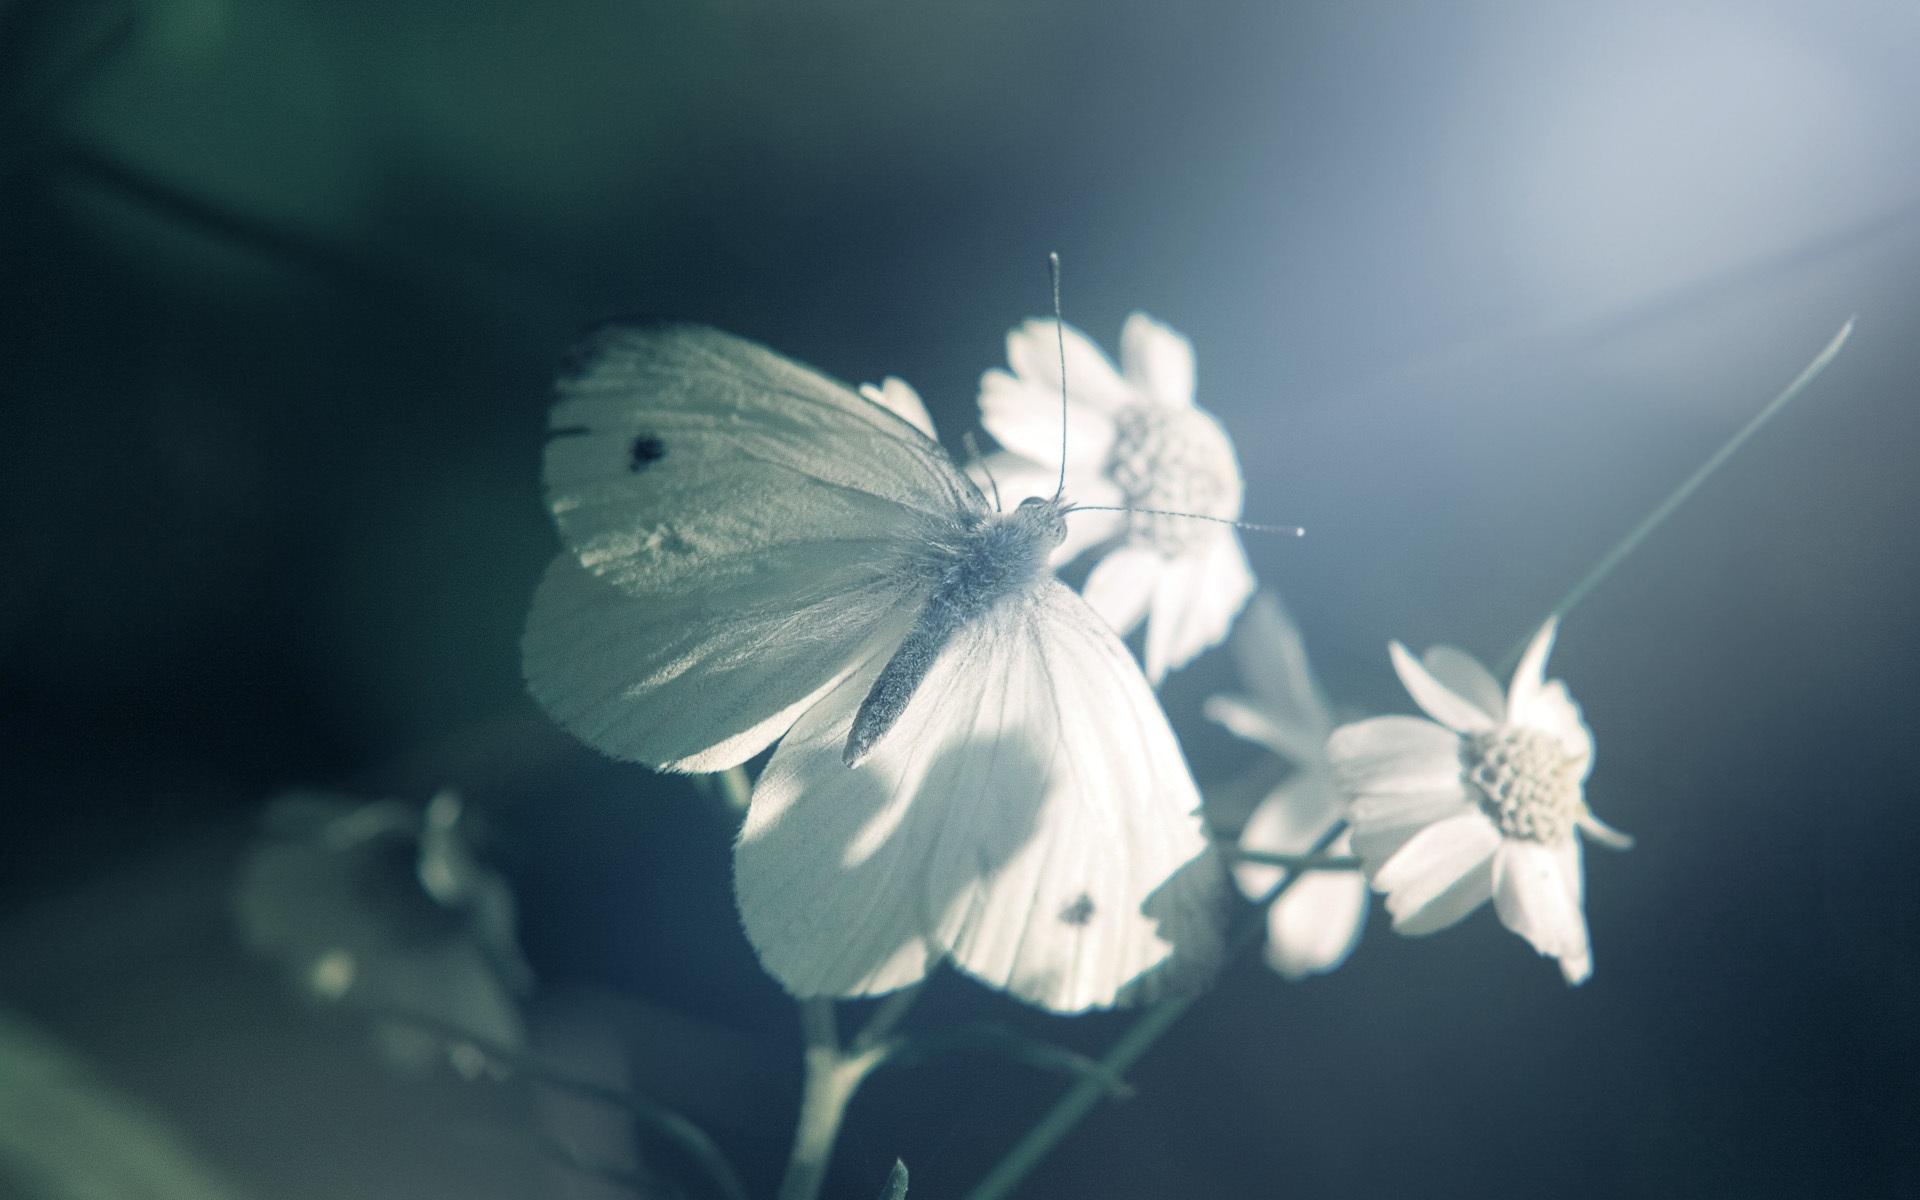 бабочка, крылья, усики